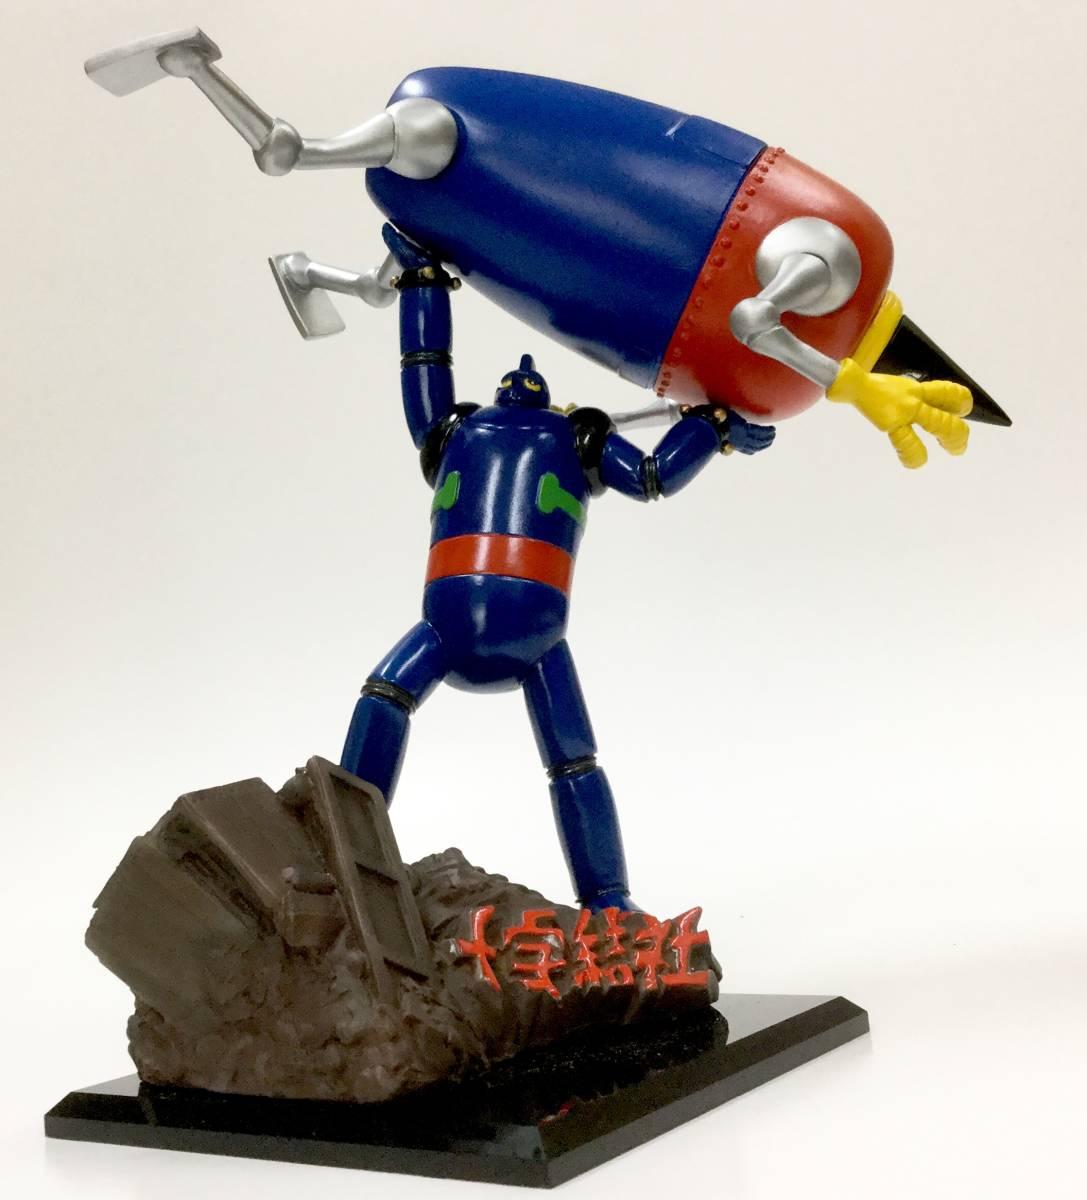 鉄人28号対モンスター 彩色済み ガレージキット ボークス 1980年代…? 光プロ レジンキャスト 人形